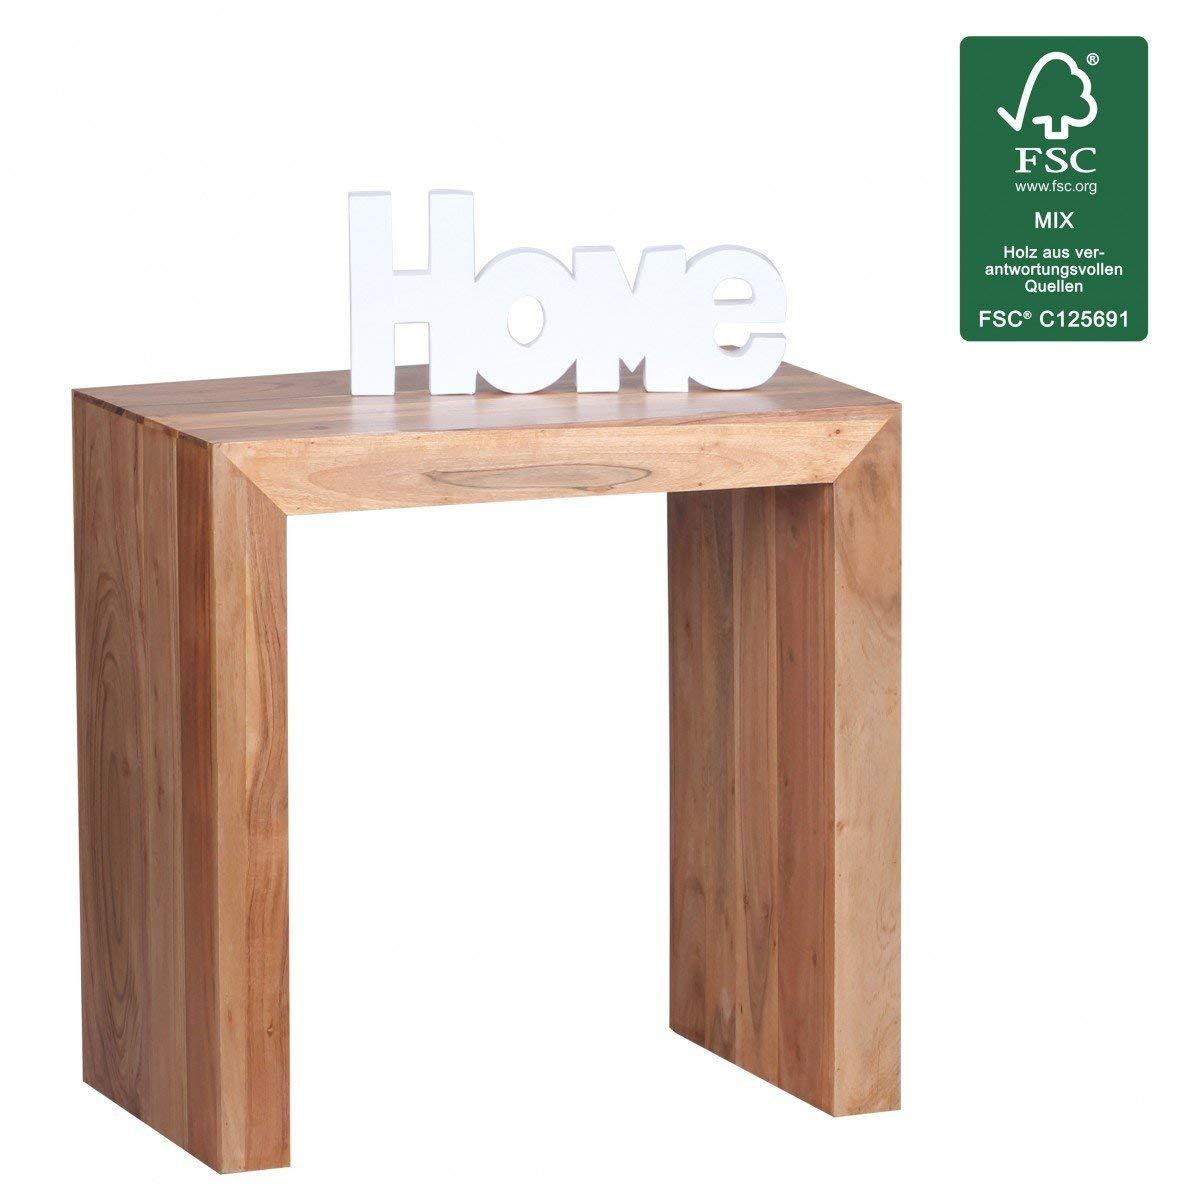 WOHNLING Beistelltisch Massiv-Holz Akazie 60 x 35 cm Wohnzimmer-Tisch Design dunkel-braun Landhaus-Stil Couchtisch Natur-Produkt Wohnzimmermöbel Unikat modern Massivholzmöbel Echtholz Anstelltisch